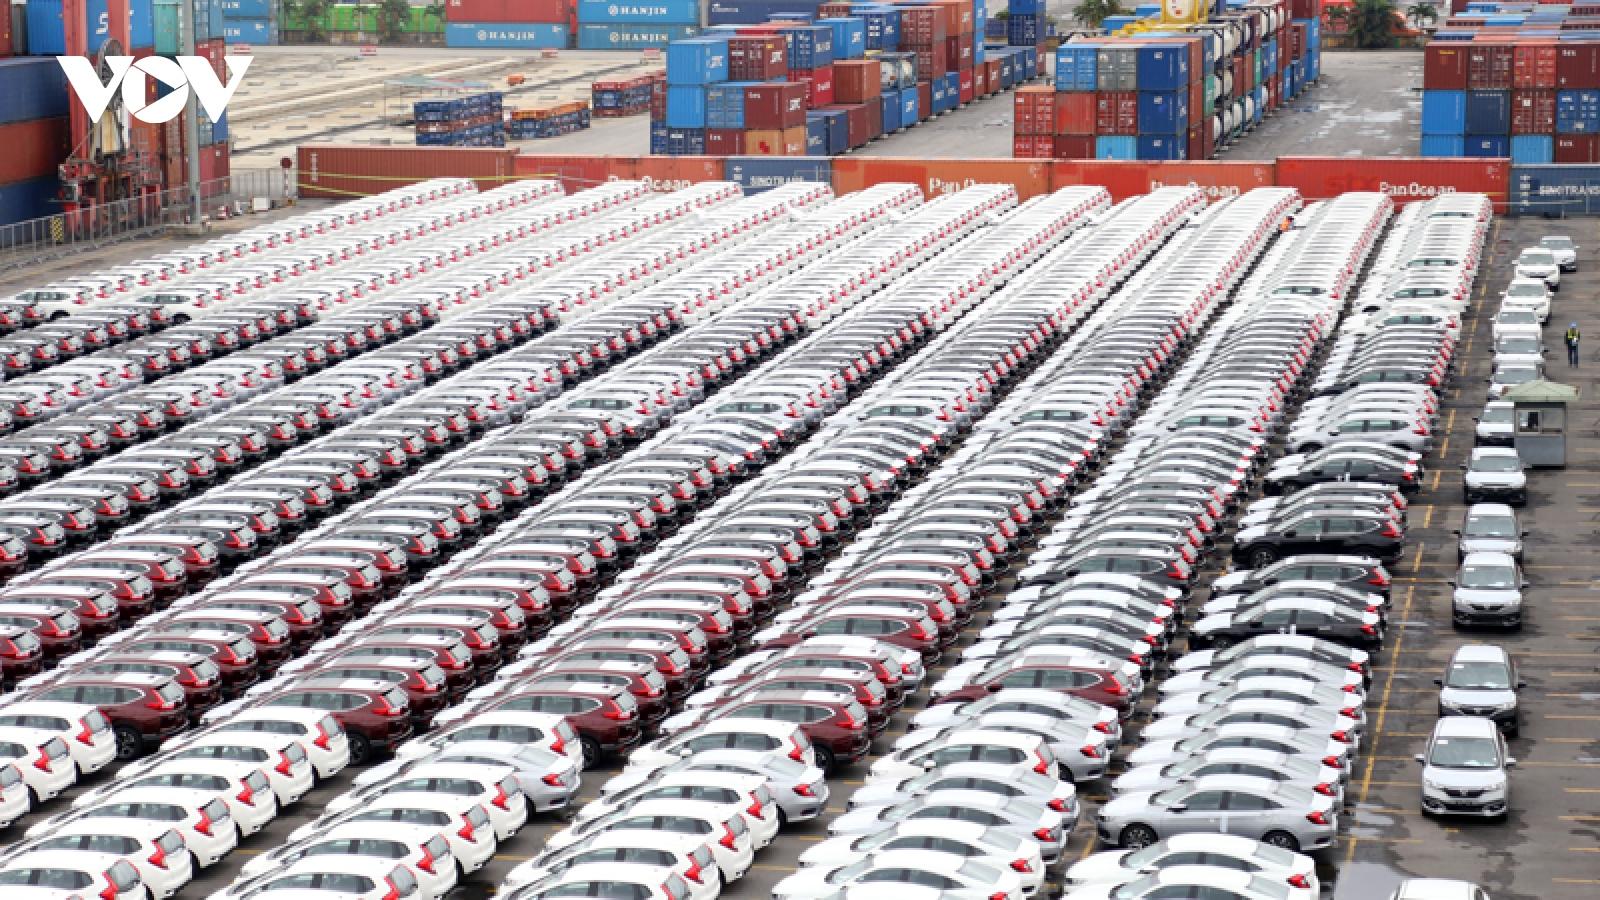 Ô tô nhập khẩu Trung Quốc về Việt Nam tăng gấp 6 lần